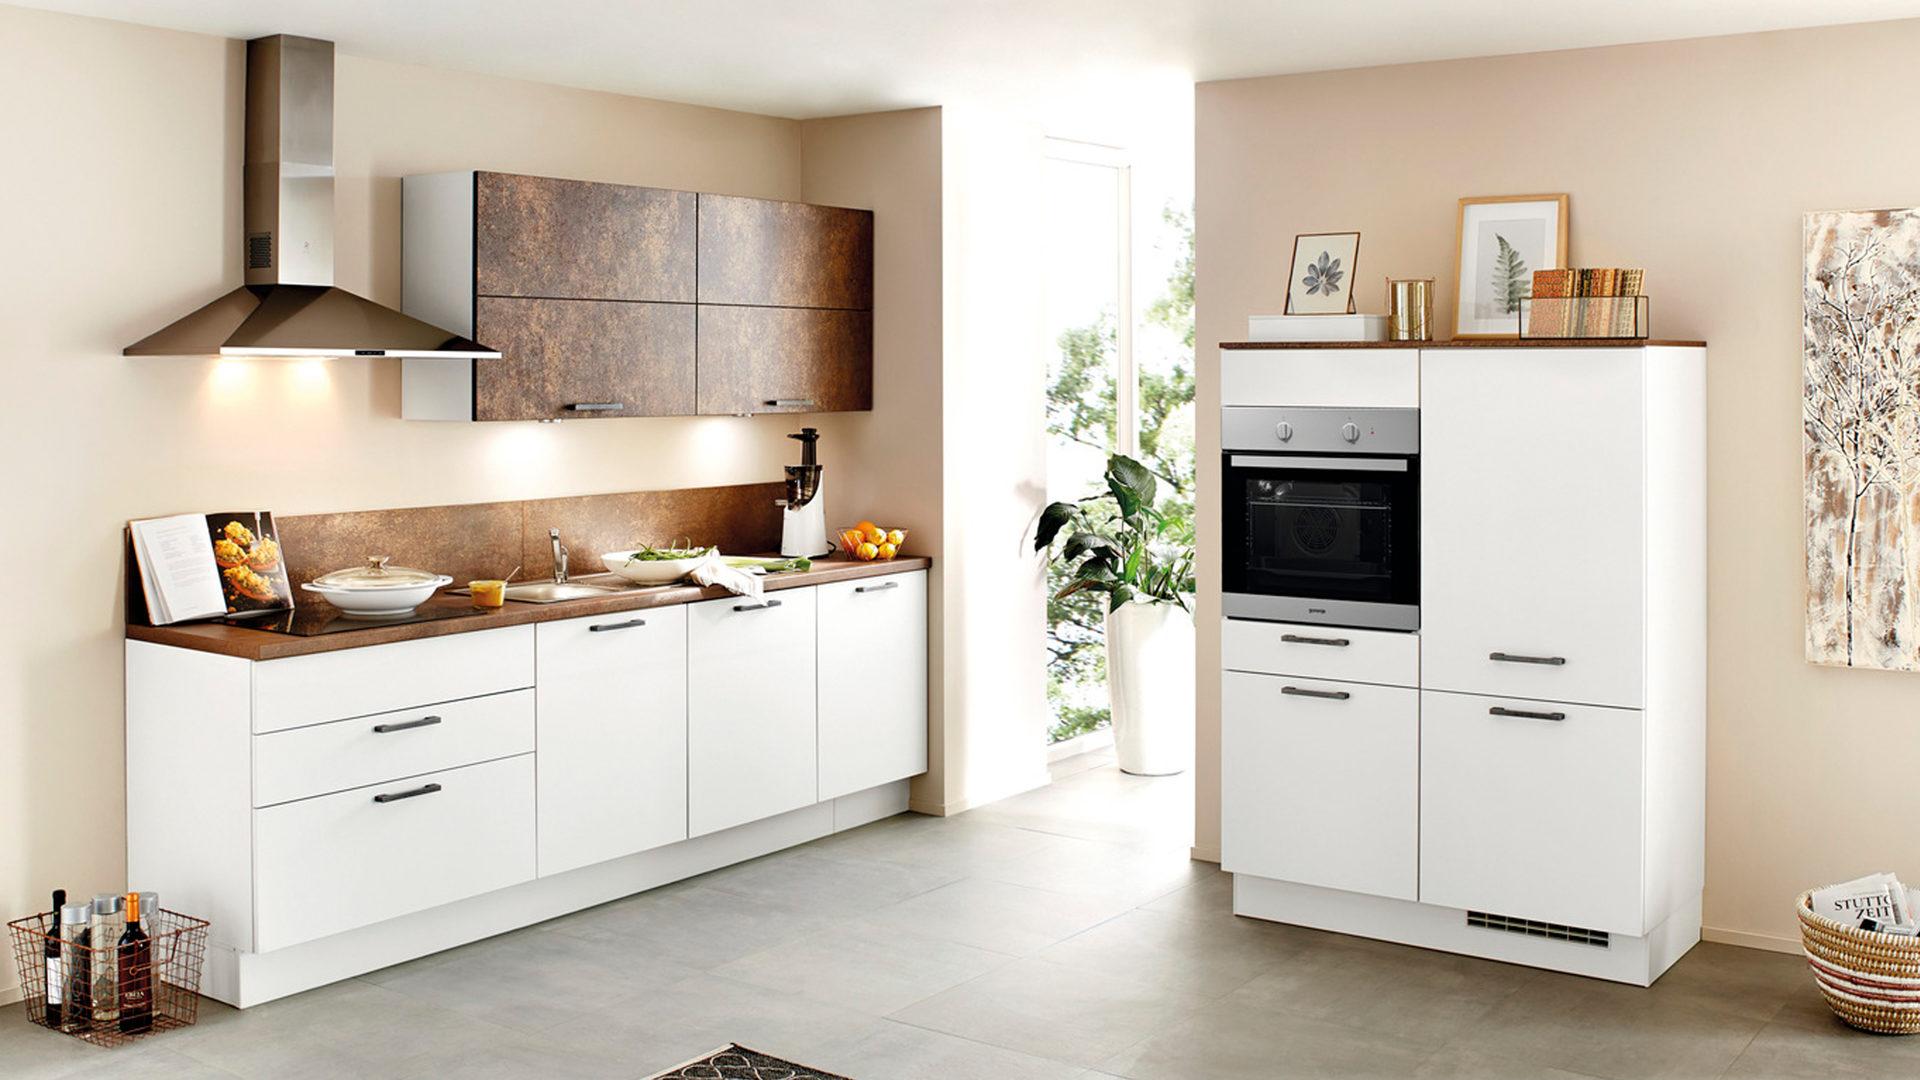 Wohnland Breitwieser , Räume, Küche, Einbauküche, Einbauküche ...